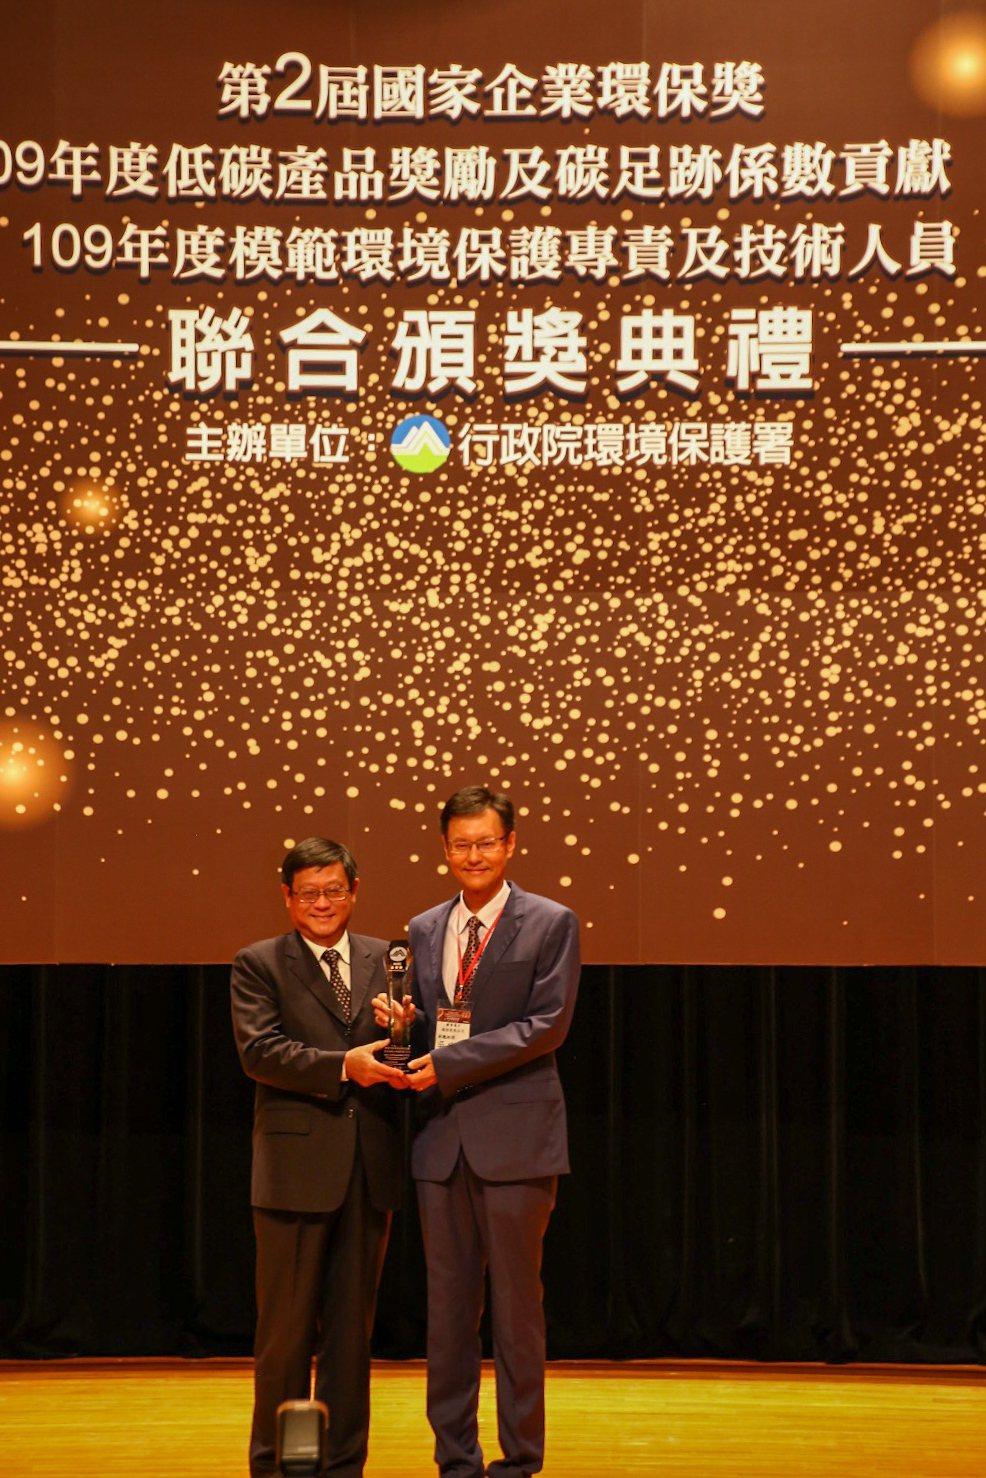 聯電12A廠由副總經理吳宗賢代表受獎(聯電/提供)